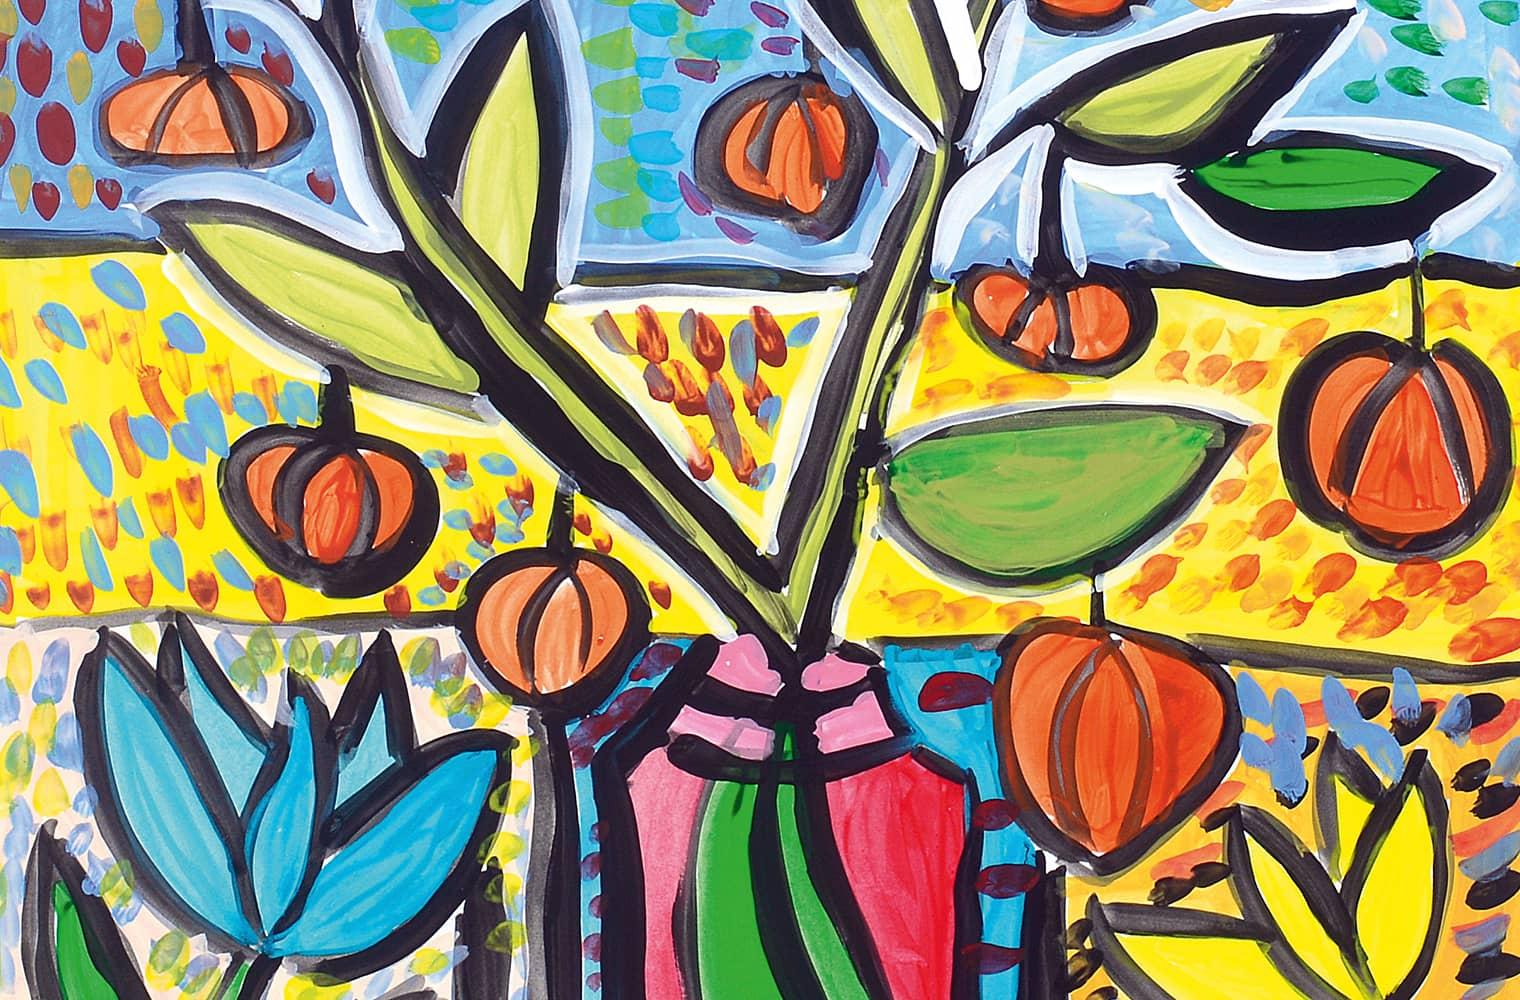 Die Farben Blau, Gelb, Orange und Grün dominieren das Bild. Florale Formen, die mit Schwarz umrandet und dann ausgemalt sind.